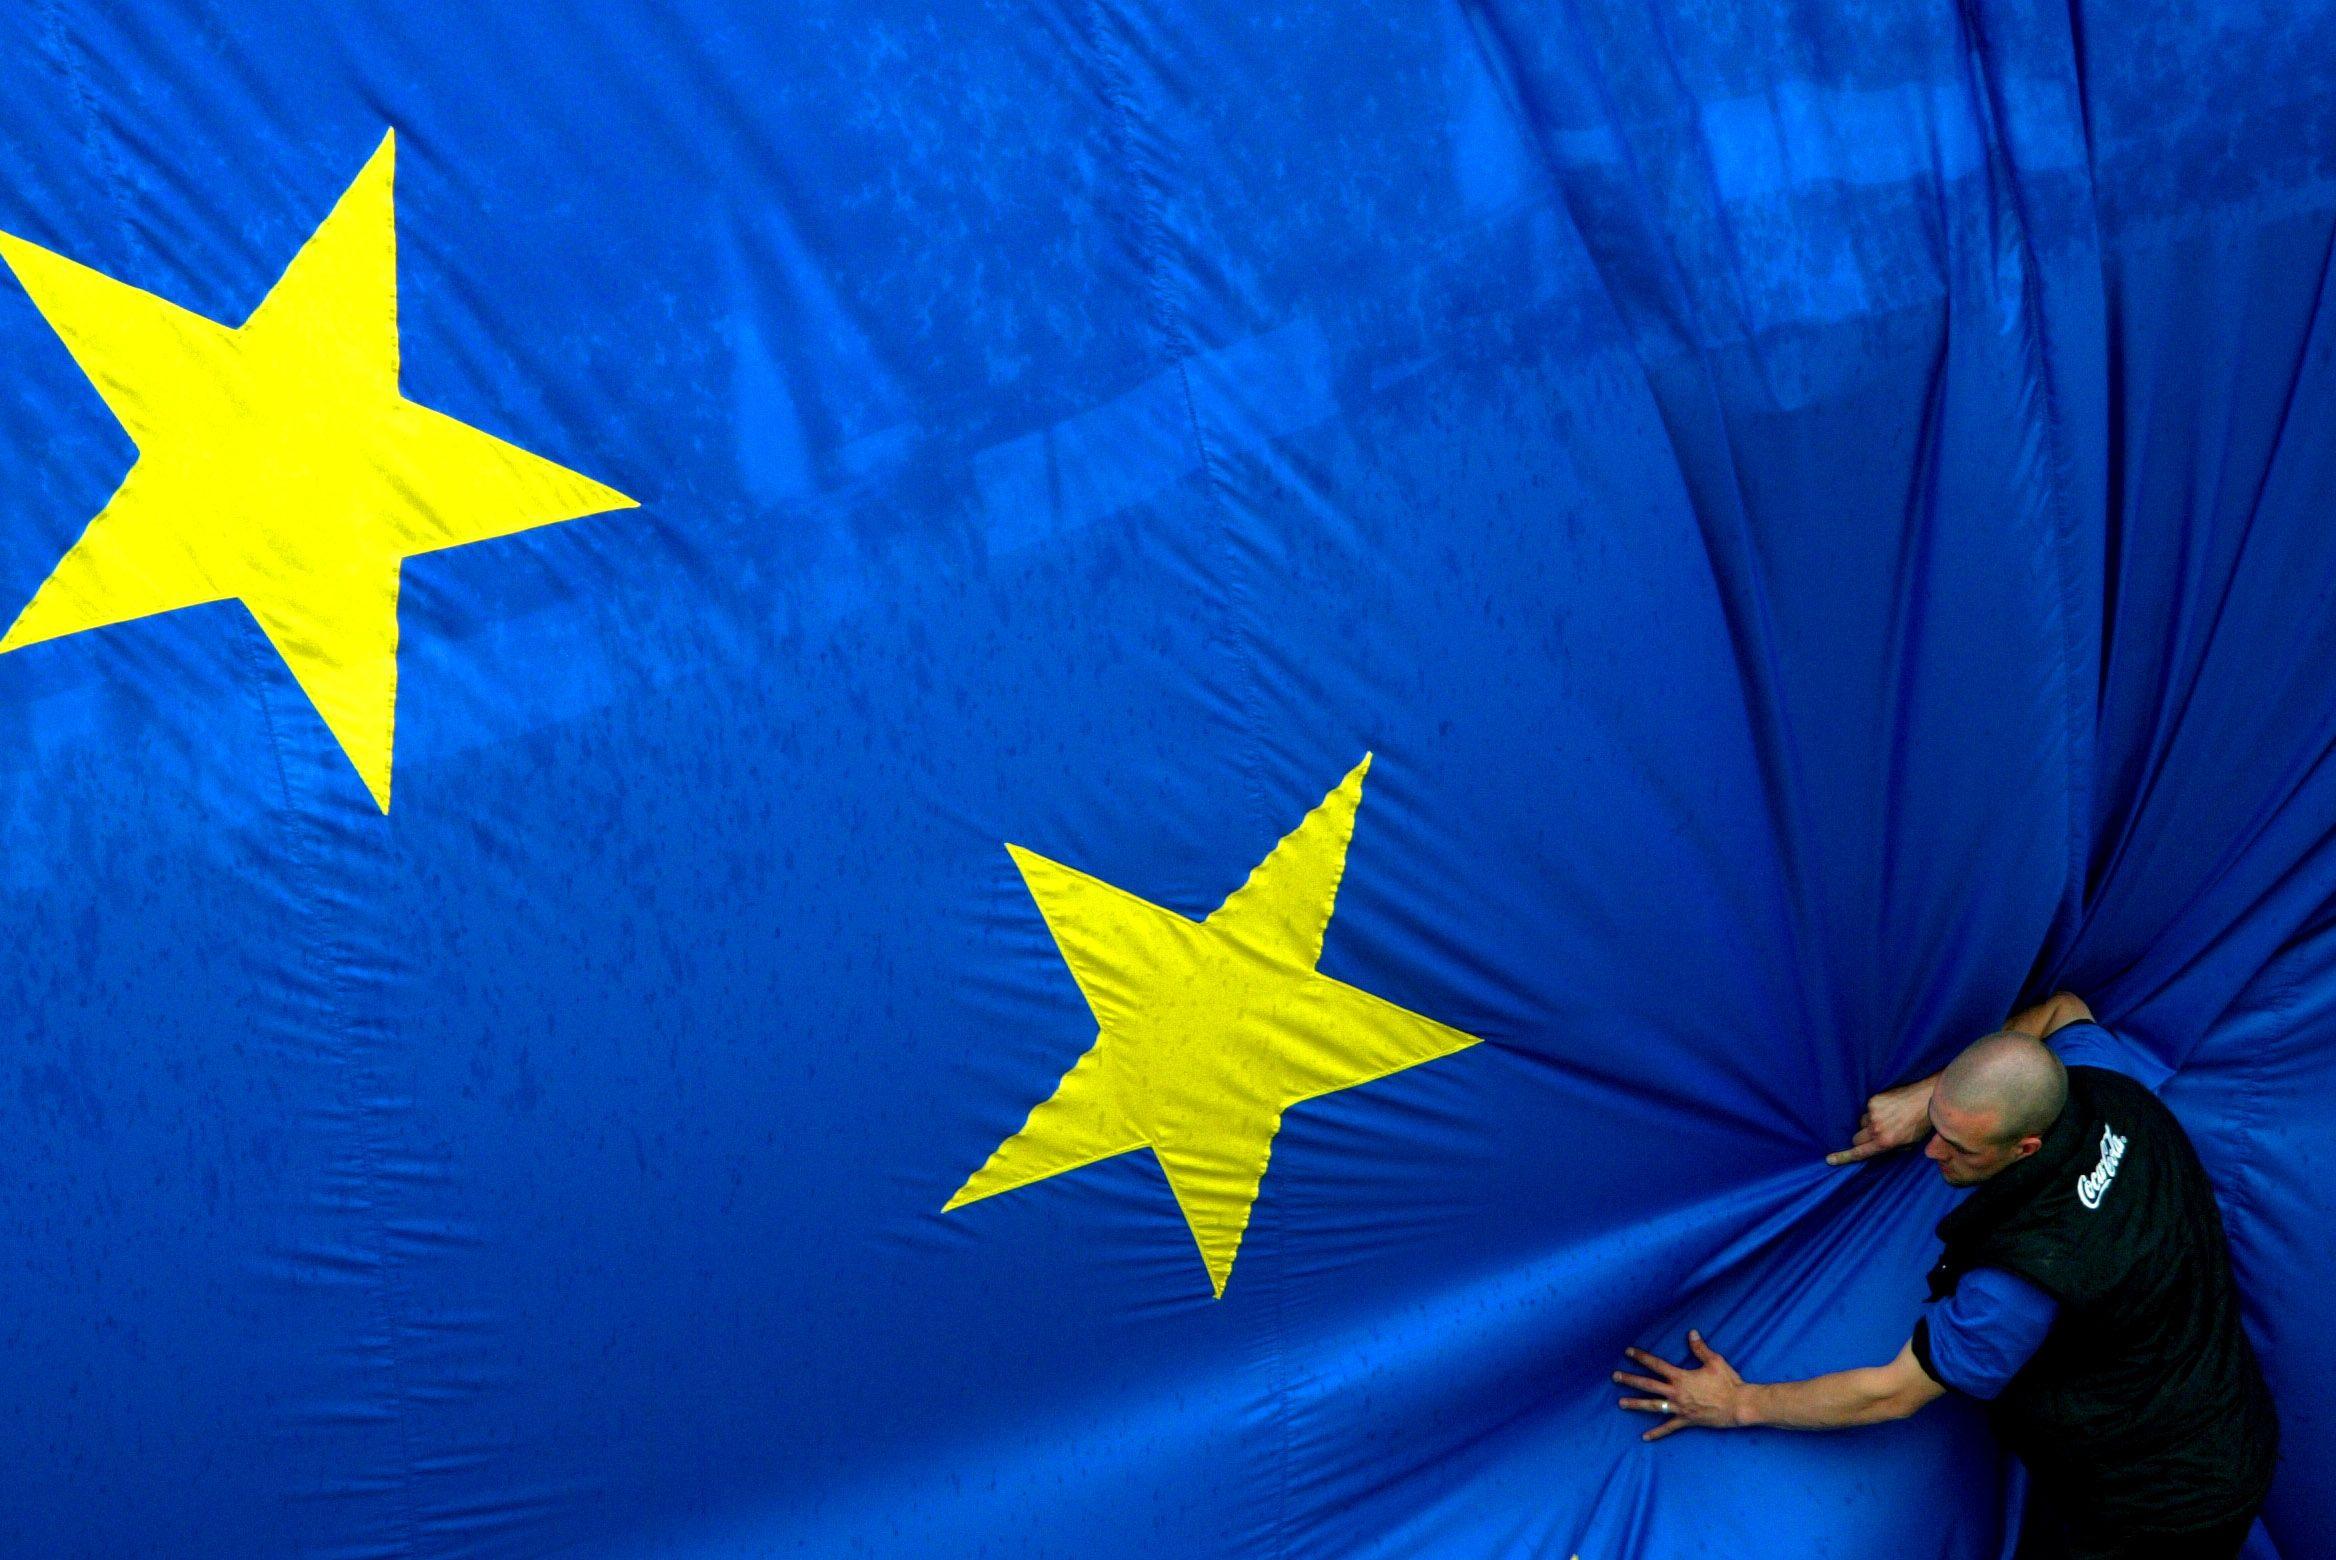 François Hollande ne voit pas l'intérêt dele faire avant 2017 mais, oui ou non la France peut-elle s'en sortir sans modifier les traités européens ?